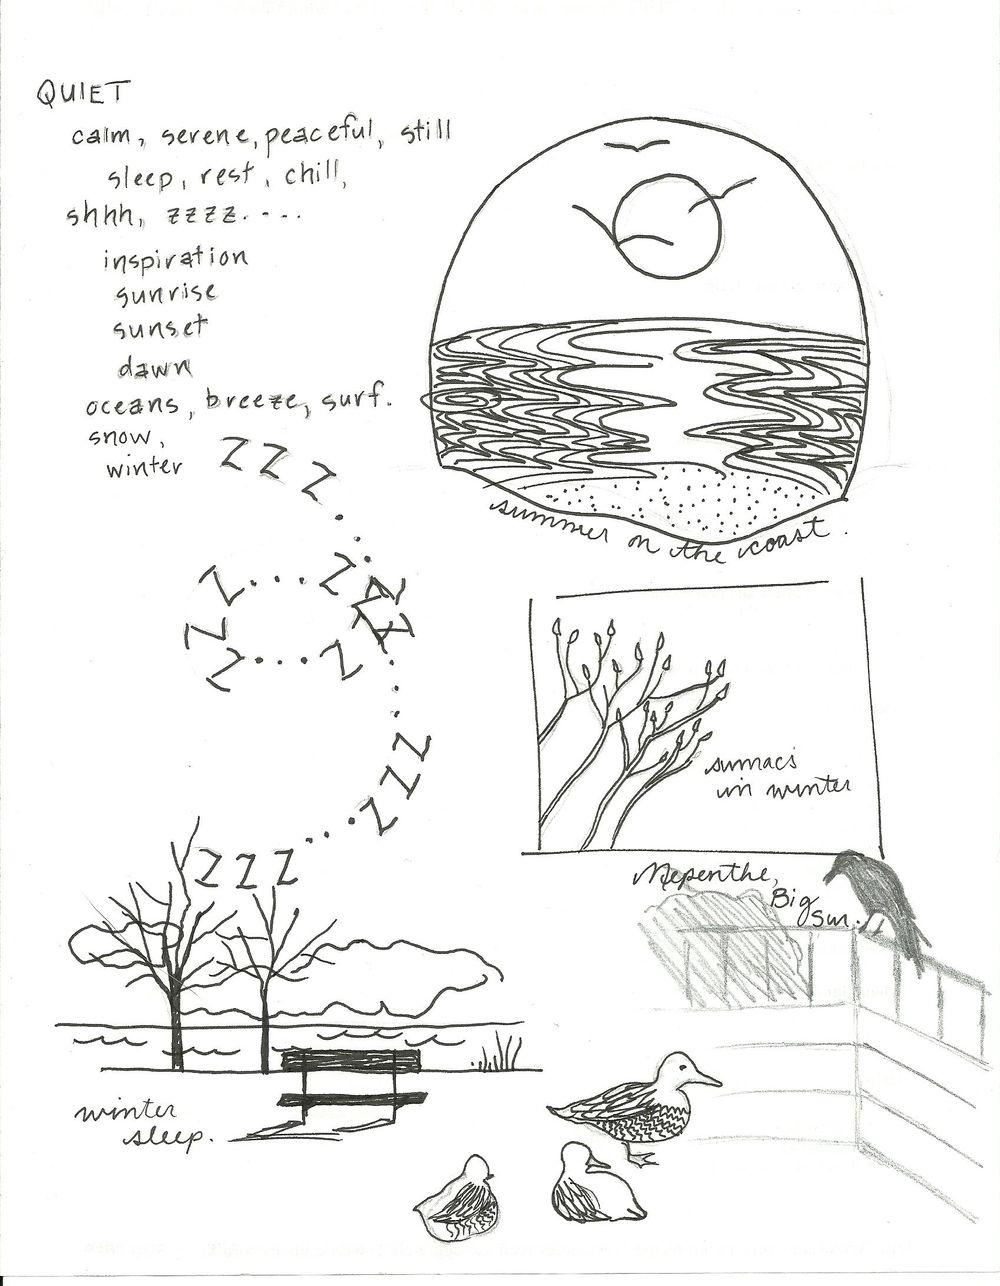 A little bit Quiet.... - image 1 - student project